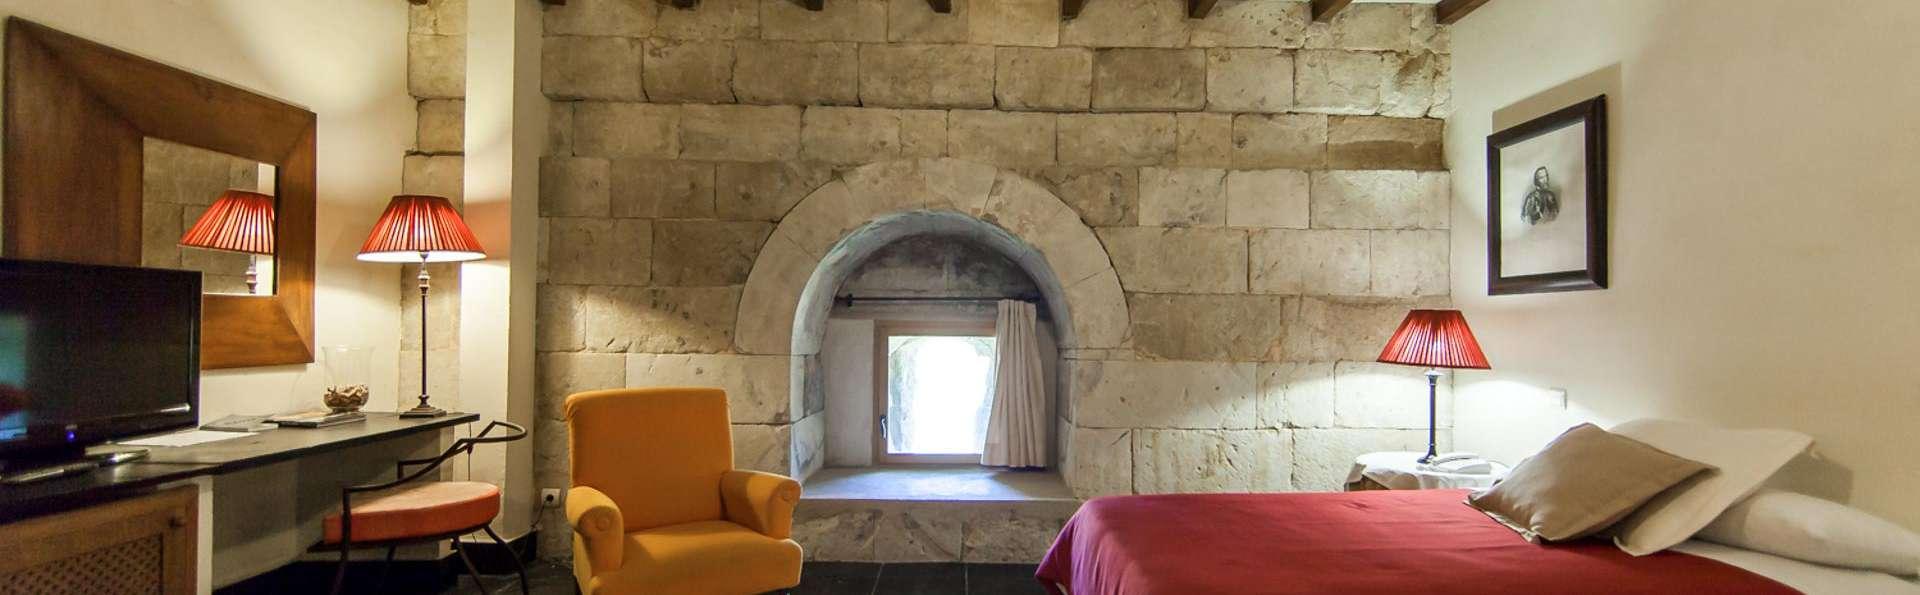 Castillo del Buen Amor - EDIT_ROOM_16.jpg